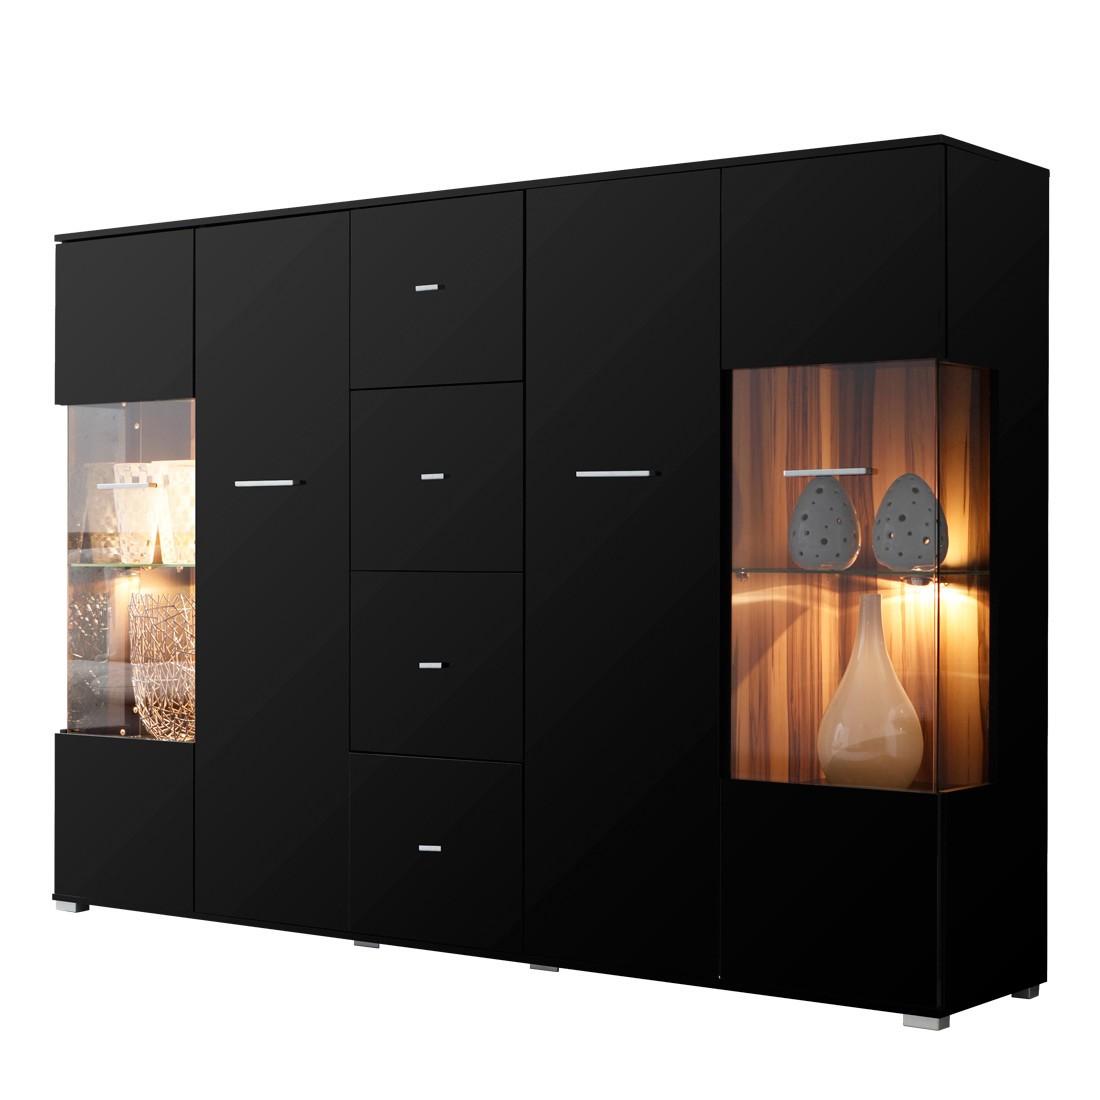 Dressoir Vogue - hoogglans zwart/notenboomhoutkleurig - met 3 deuren en 4 lades, Fredriks